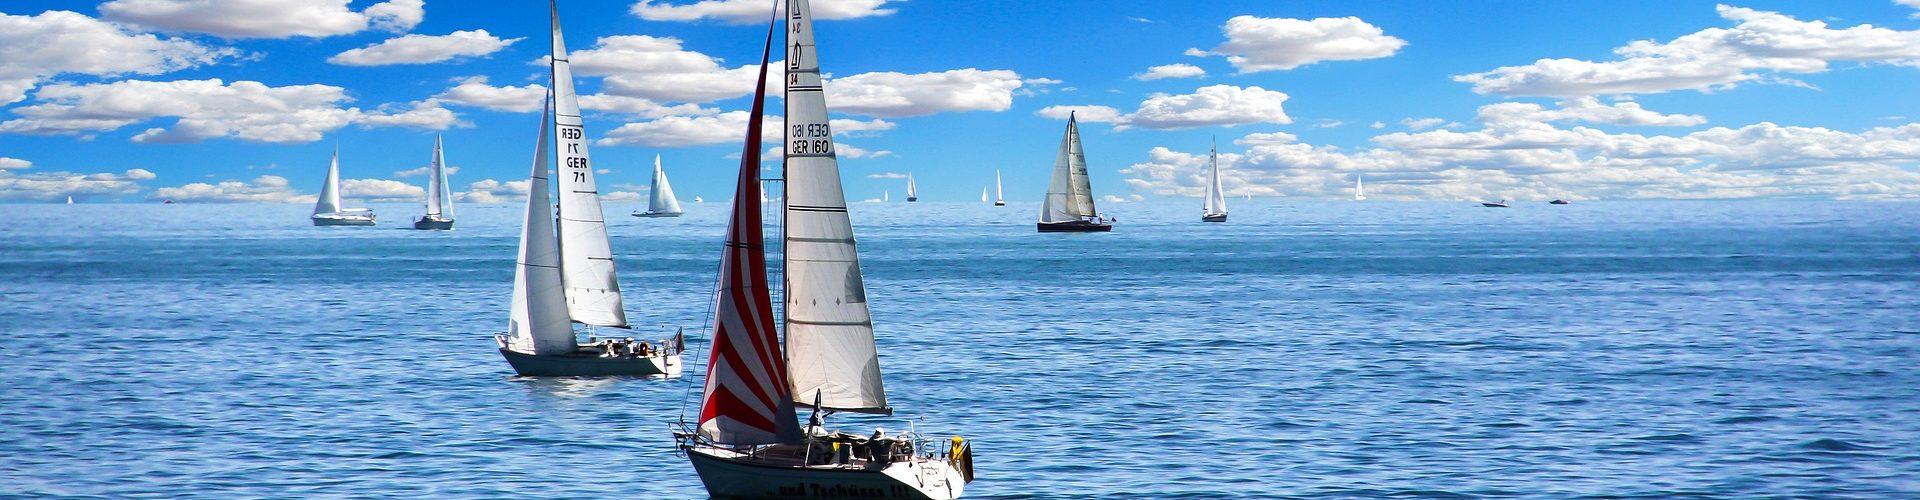 segeln lernen in Leimen segelschein machen in Leimen 1920x500 - Segeln lernen in Leimen